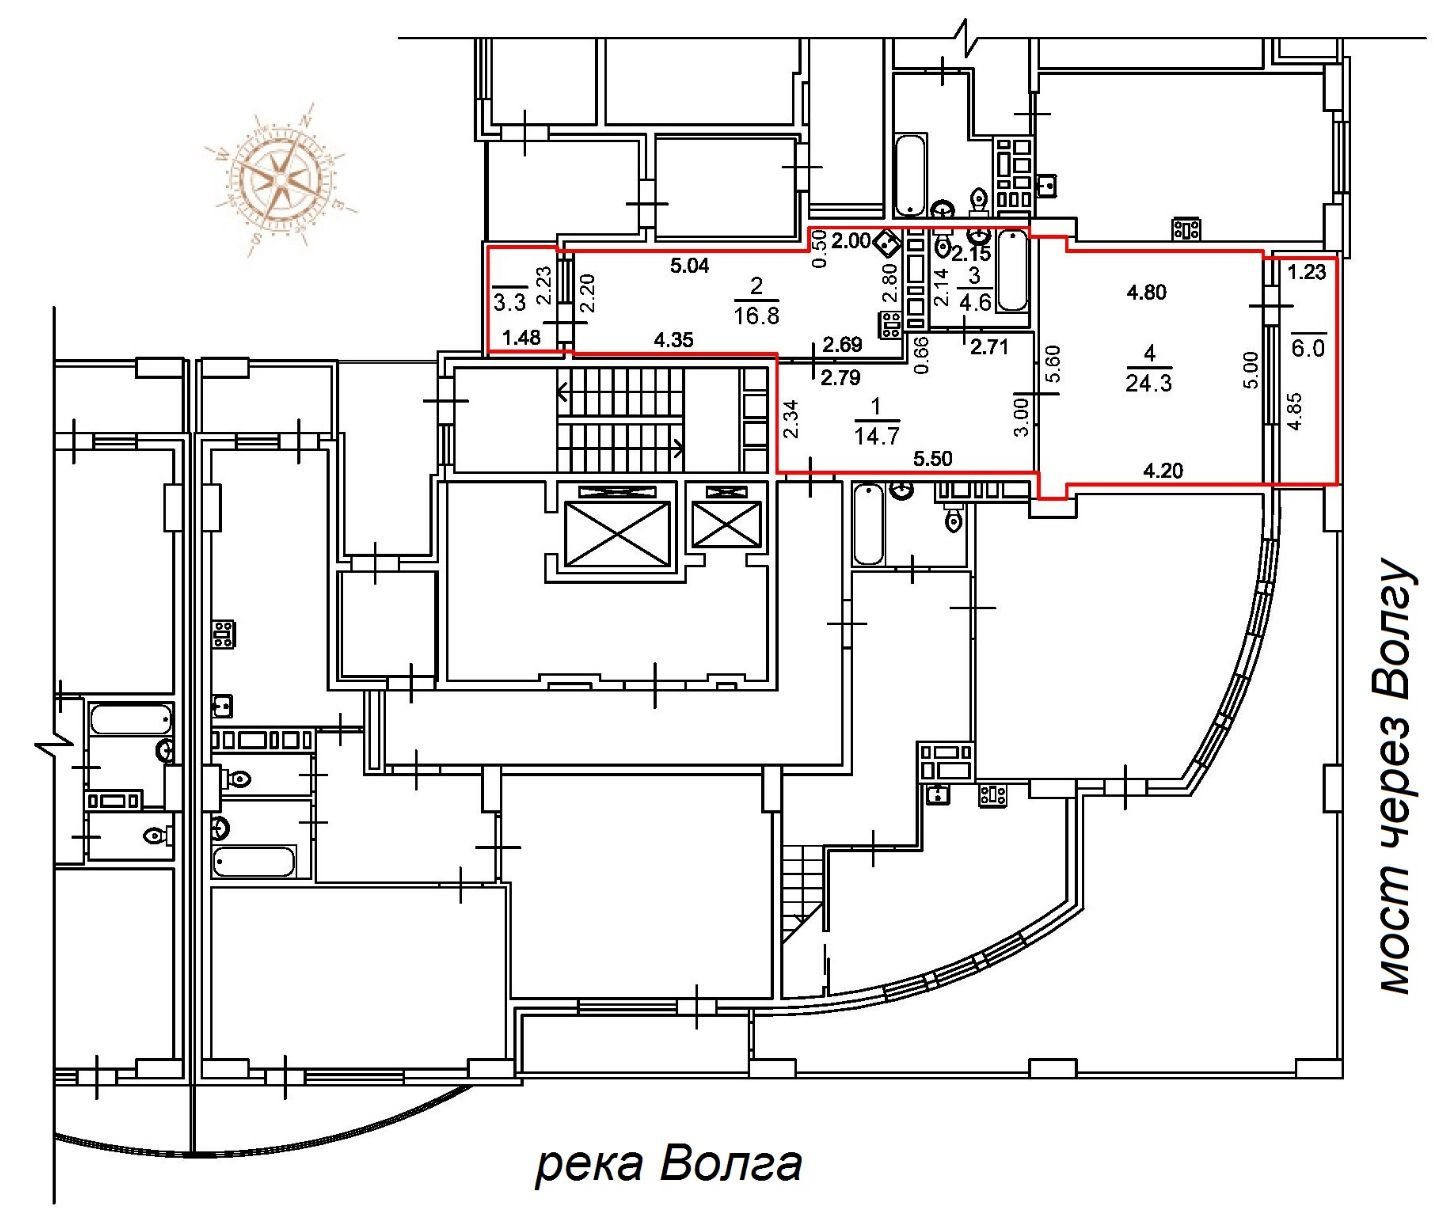 Планировка 1-комнатной квартиры жк столица Новостройки Саратова